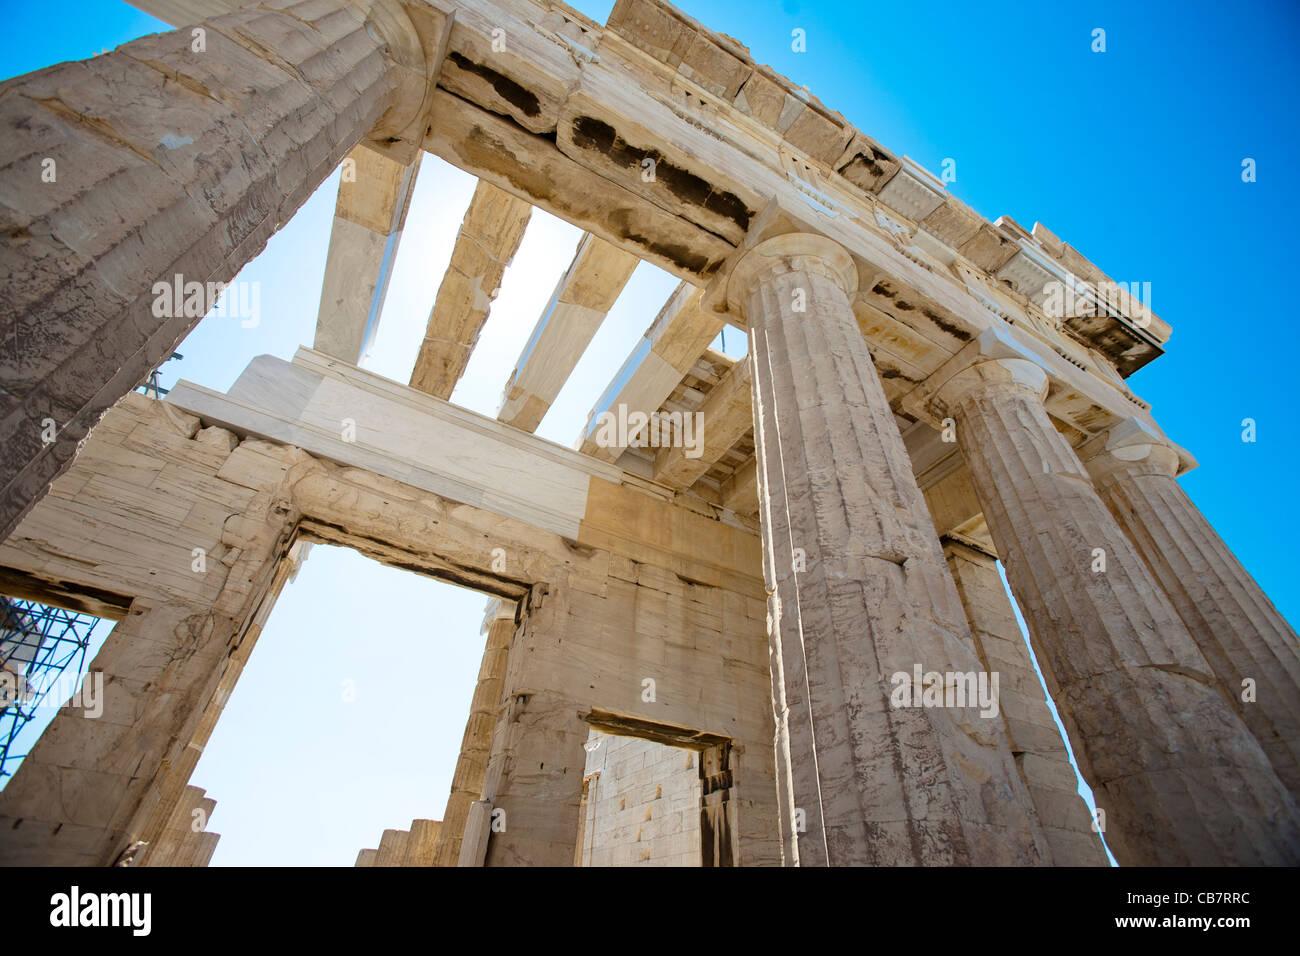 Le immagini del viaggio sulla Grecia - Antica Grecia classica architettura Immagini Stock